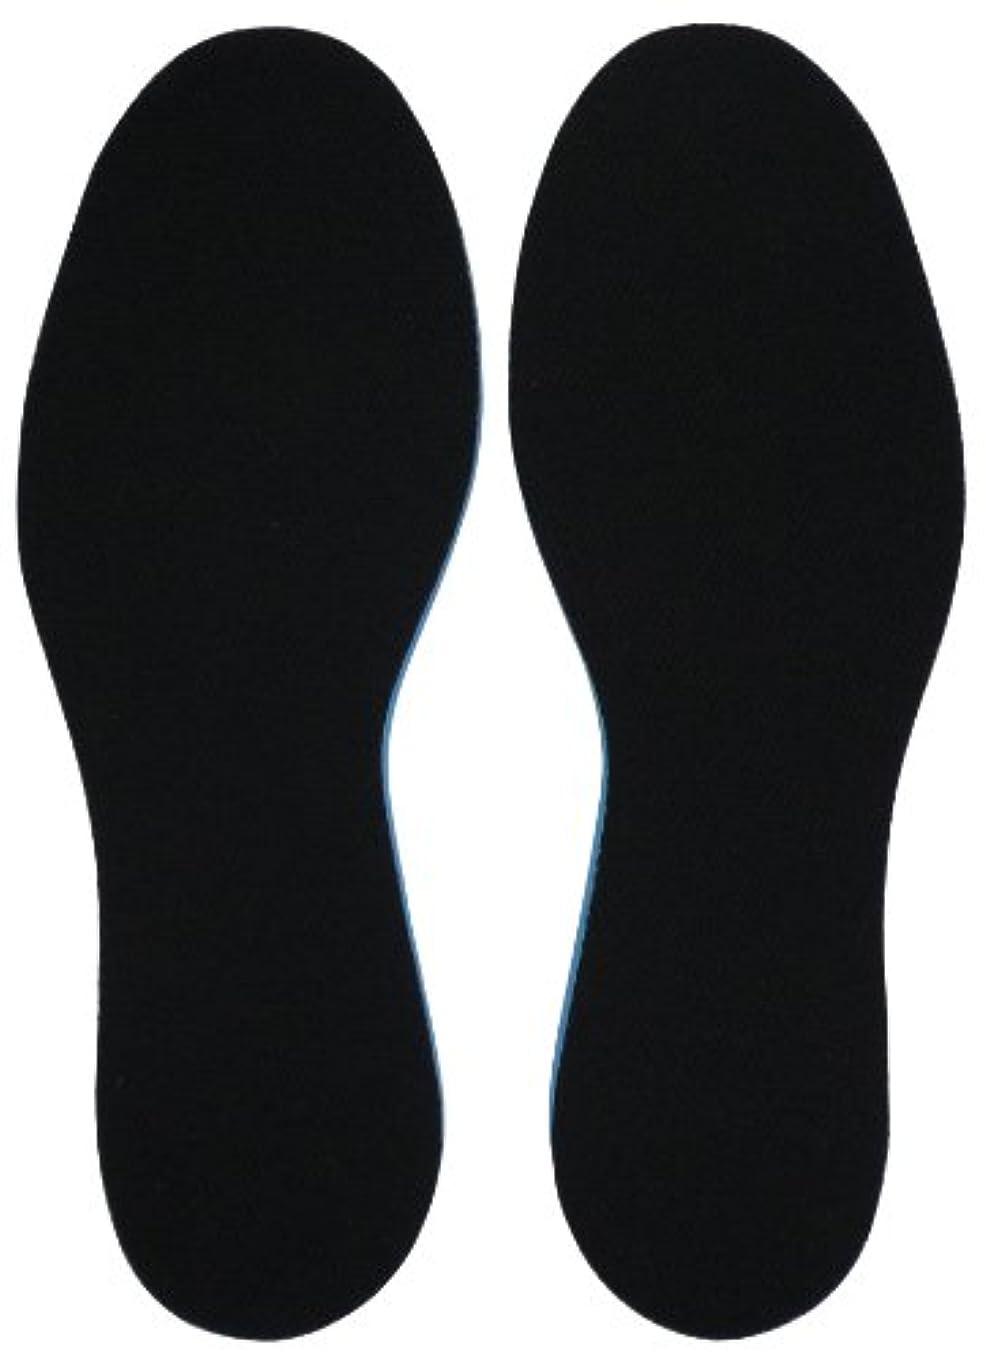 仕出します眠いですラボコロンブス MEGA厚サイズフィッターインソール 1足分(2枚入り) 男女兼用 フリーサイズ(22.0~28.0cm)